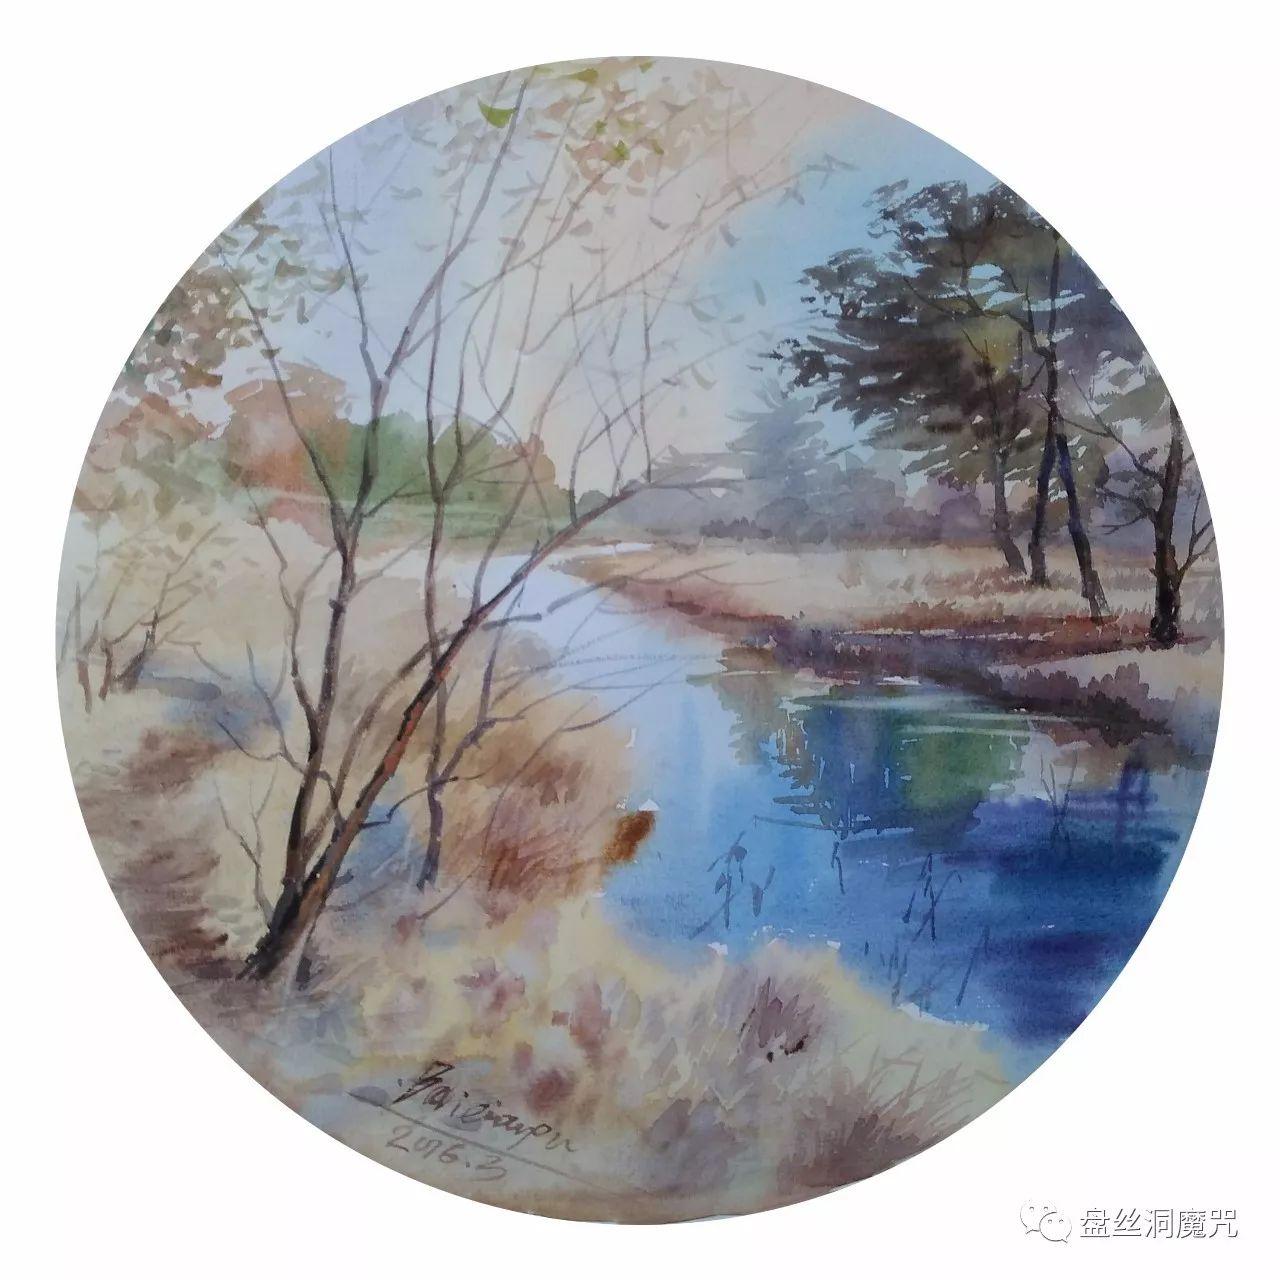 白连福水彩作品欣赏 第32张 白连福水彩作品欣赏 蒙古画廊